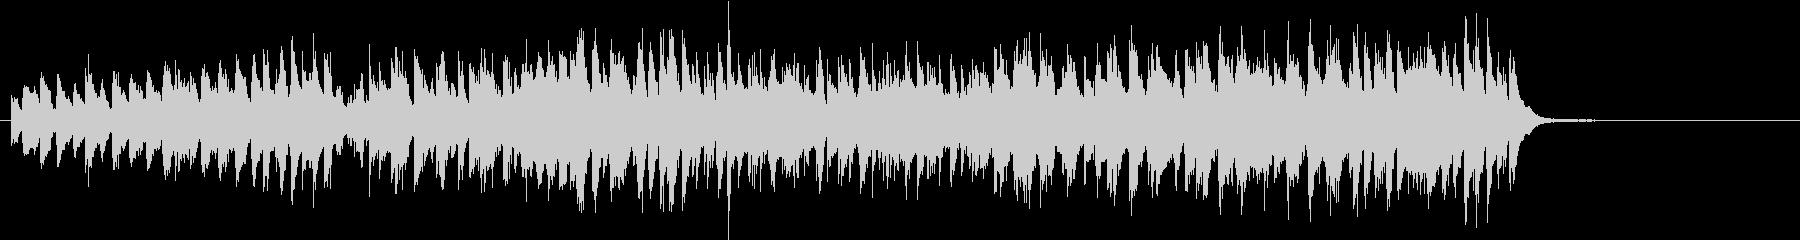 アップテンポ明るいジャズバンドサウンドの未再生の波形